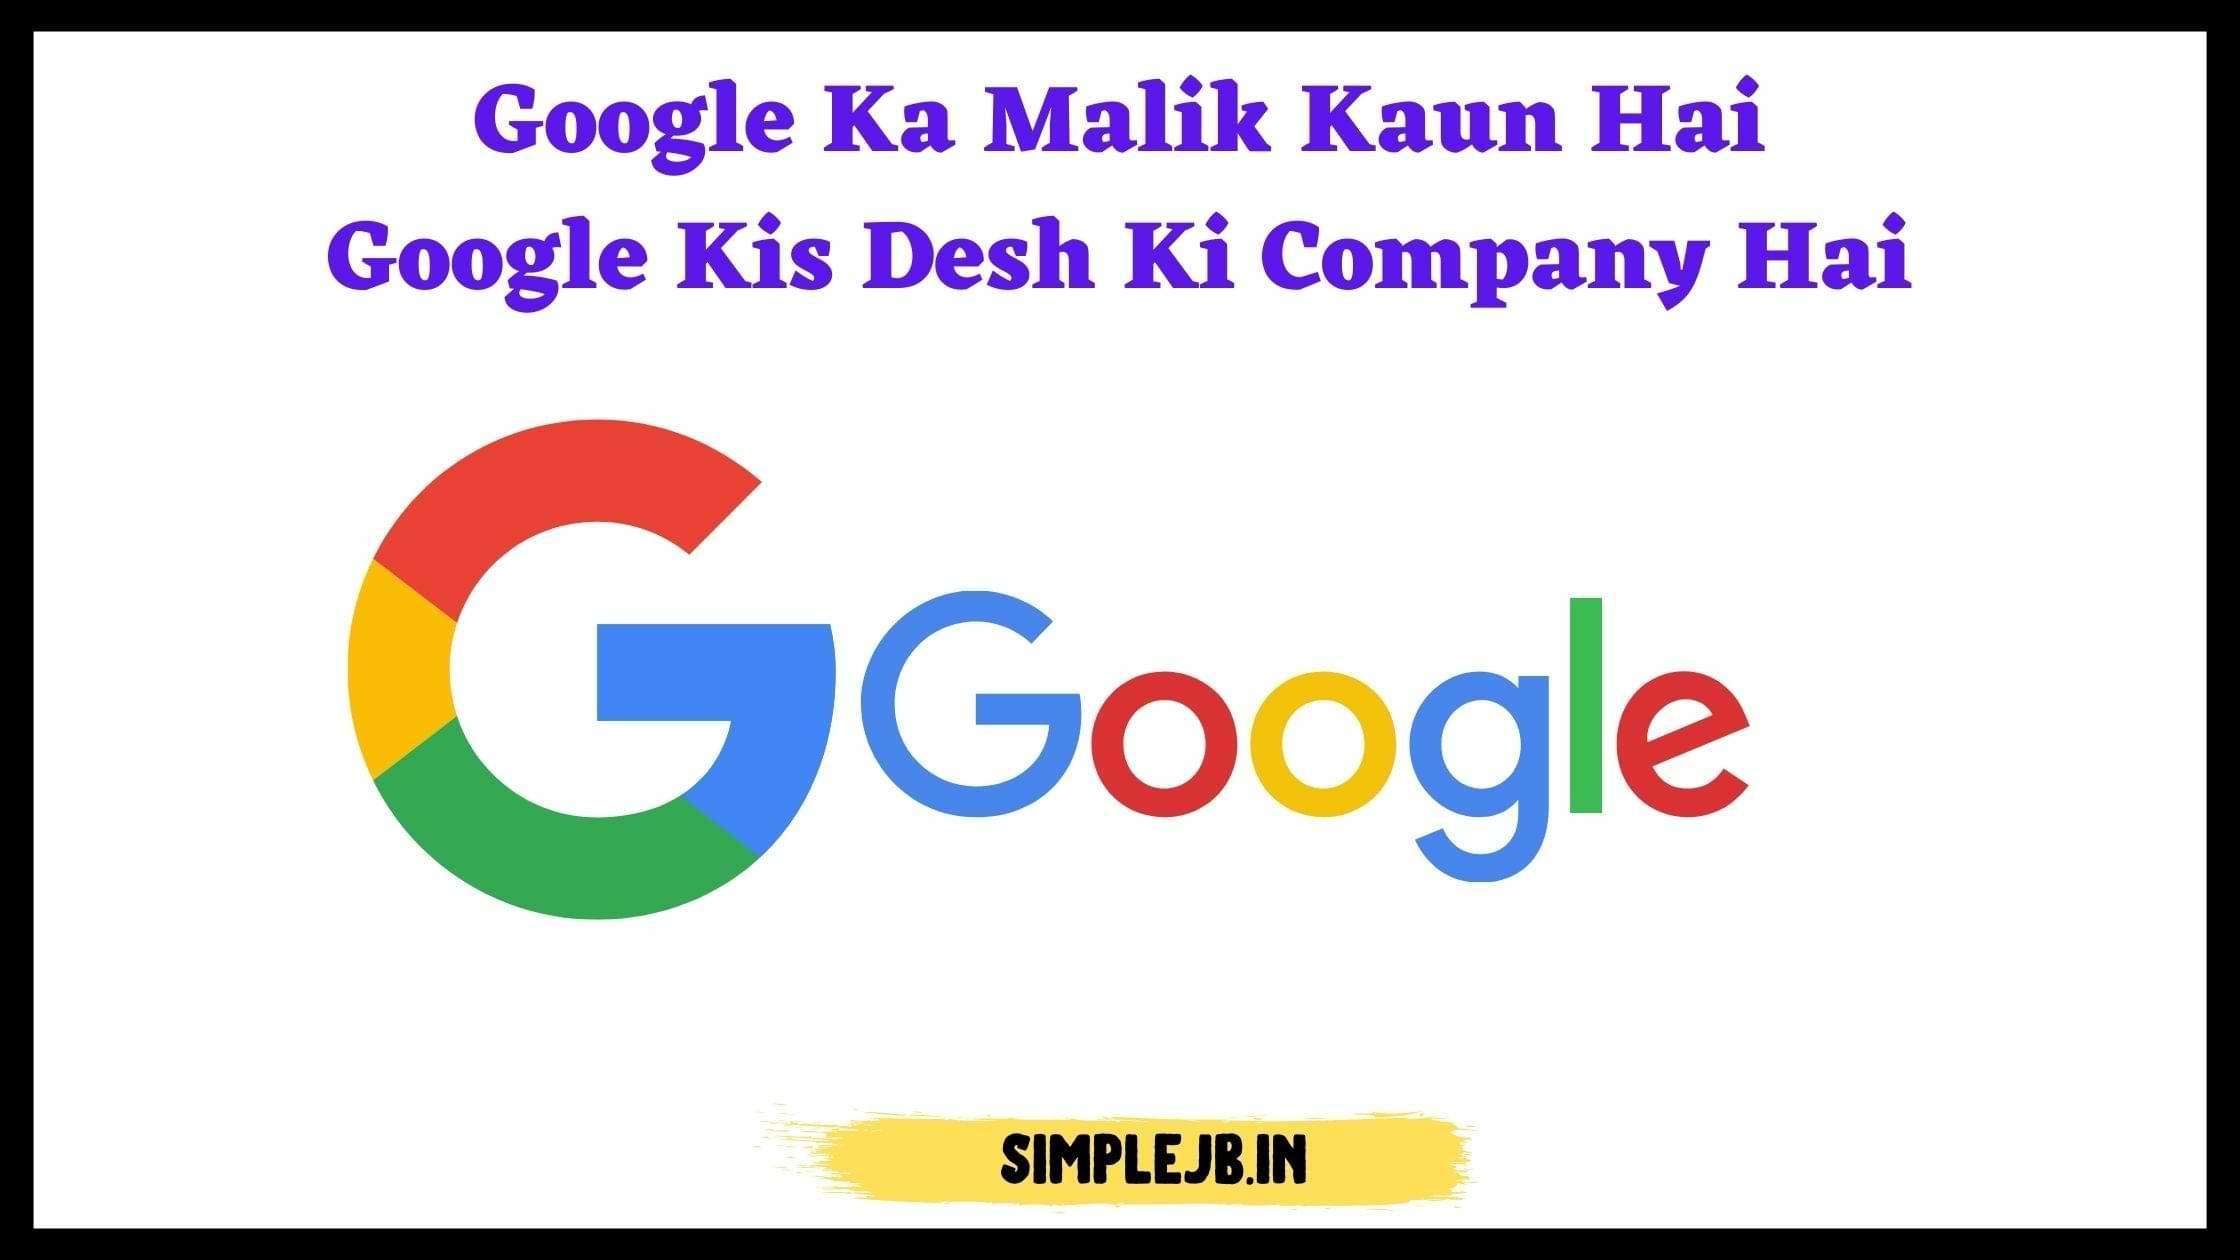 google-ka-malik-kaun-hai